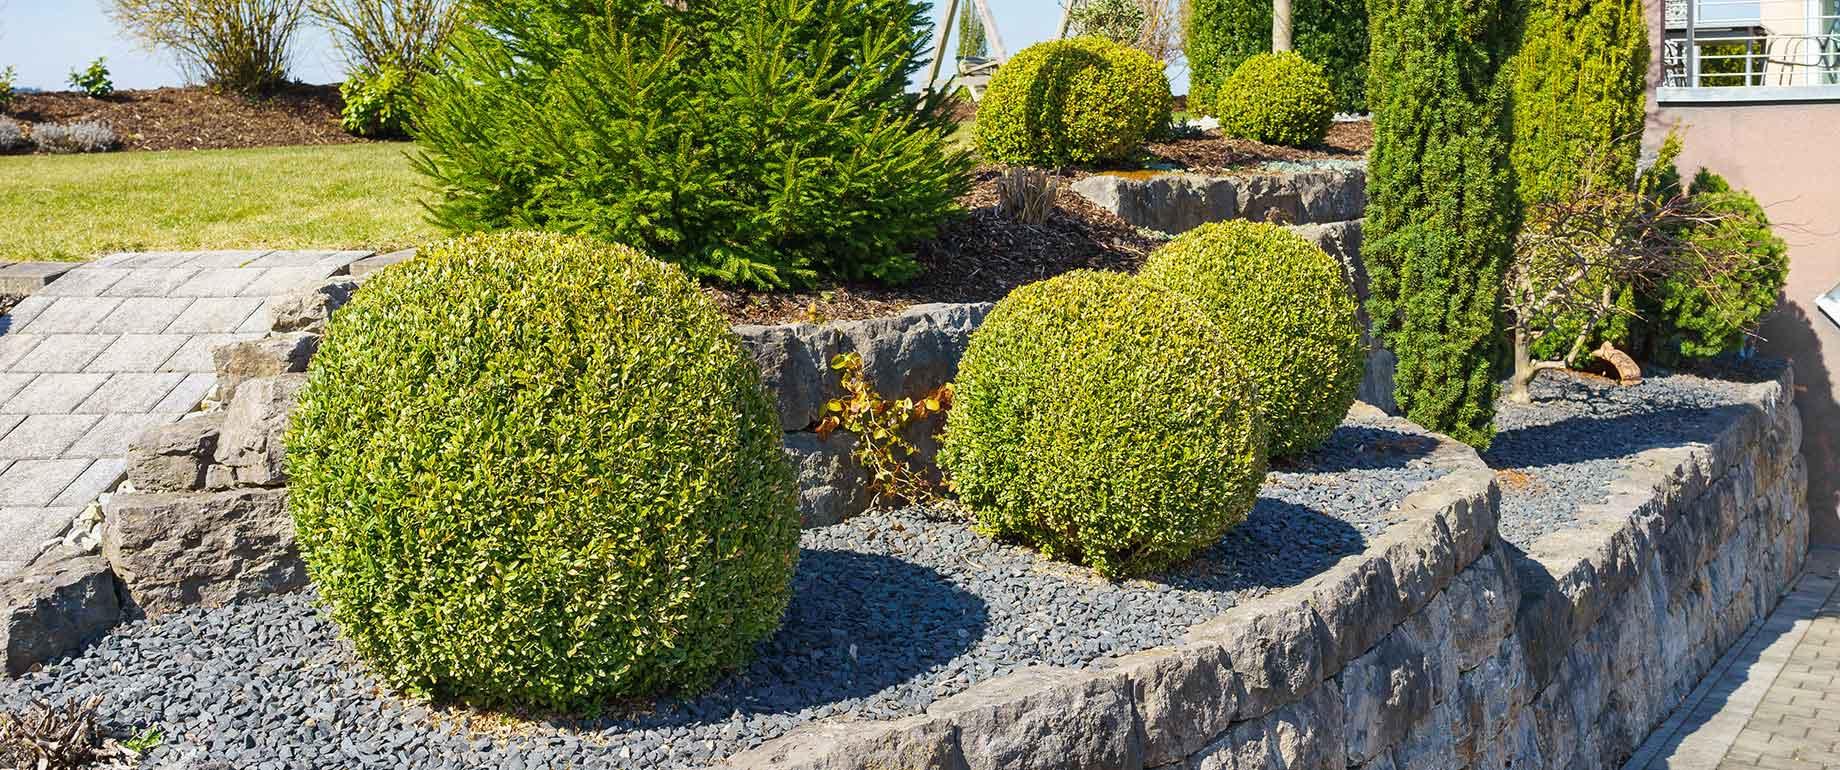 Gartengestaltung6